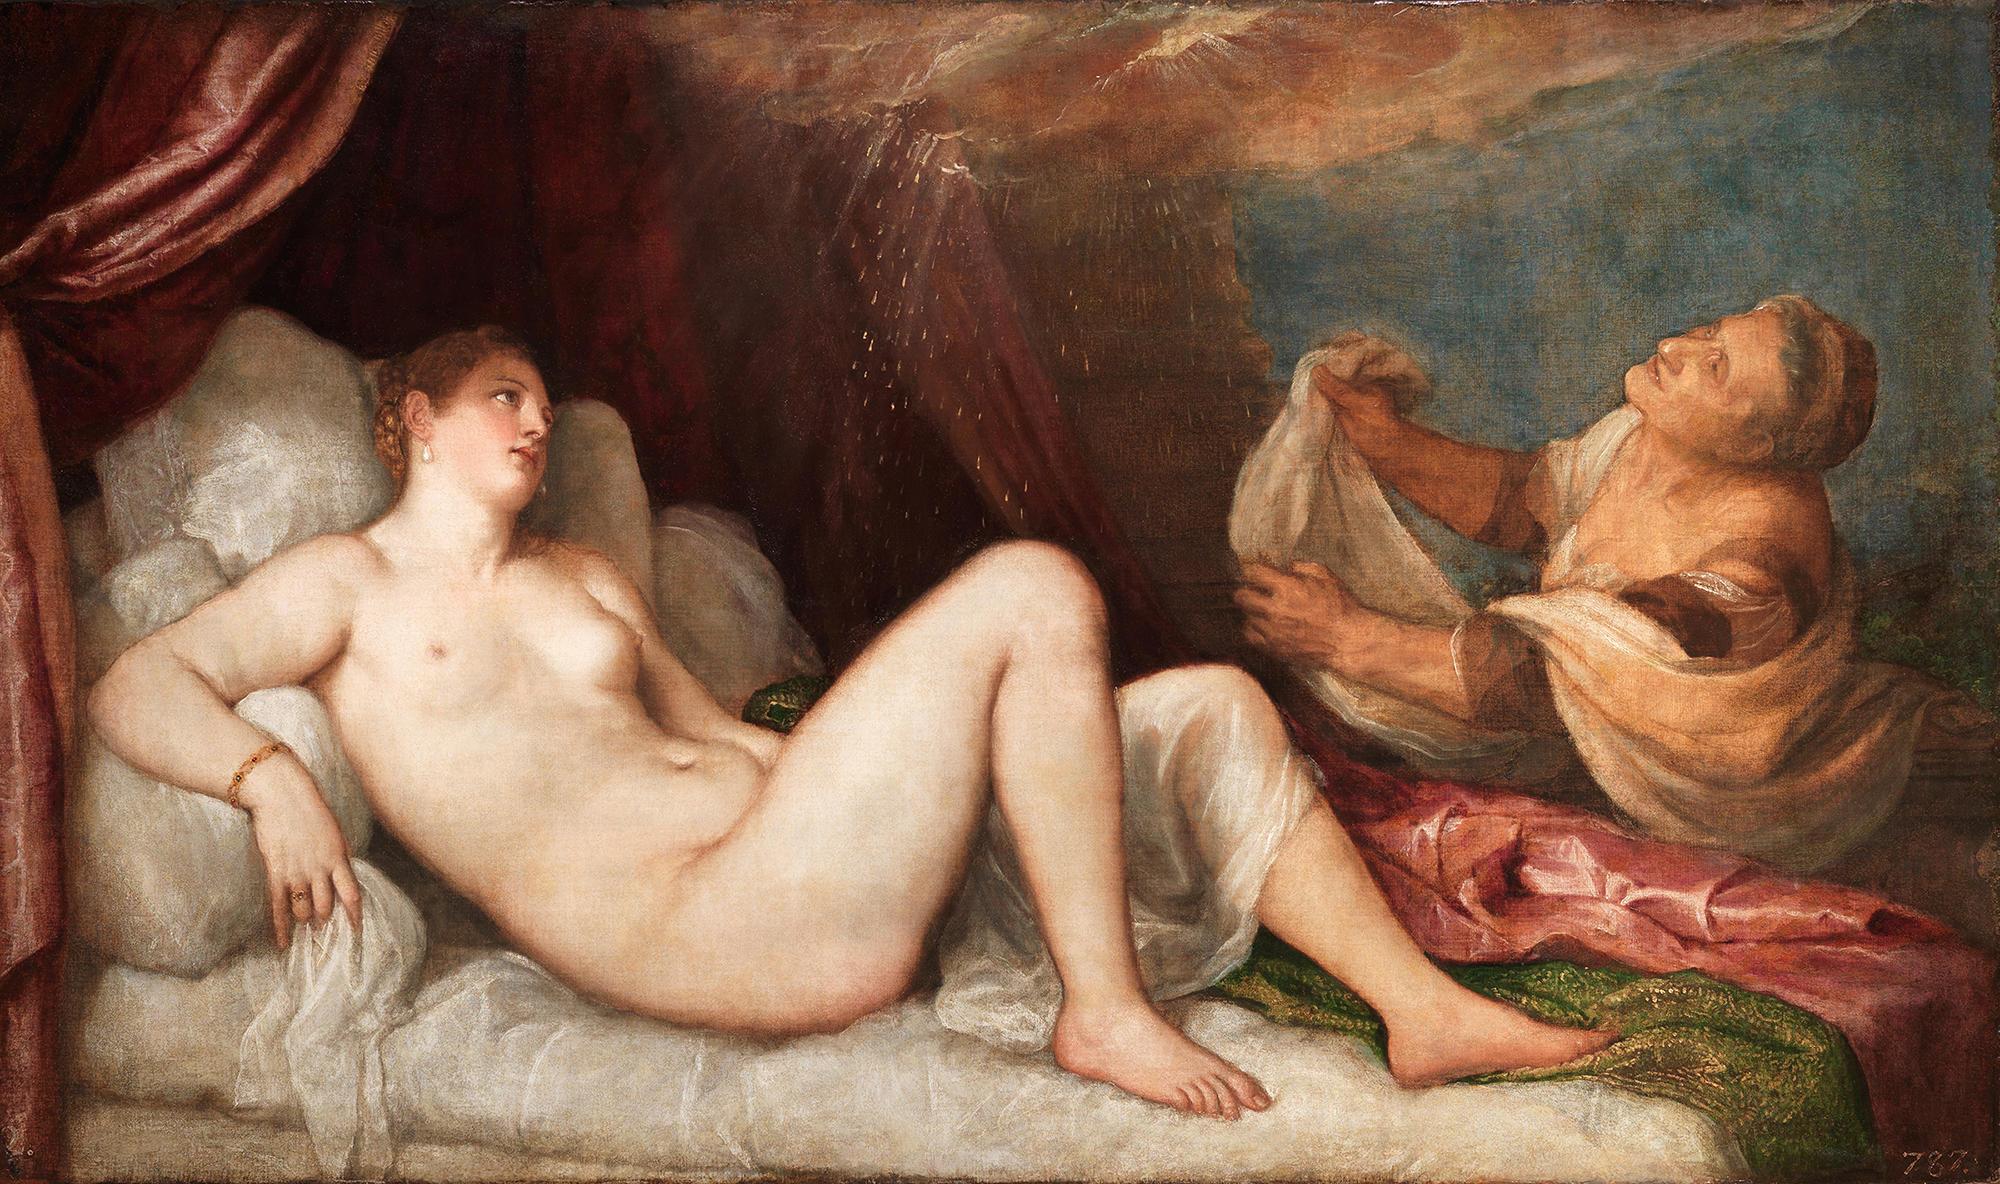 Danaë by Titian.